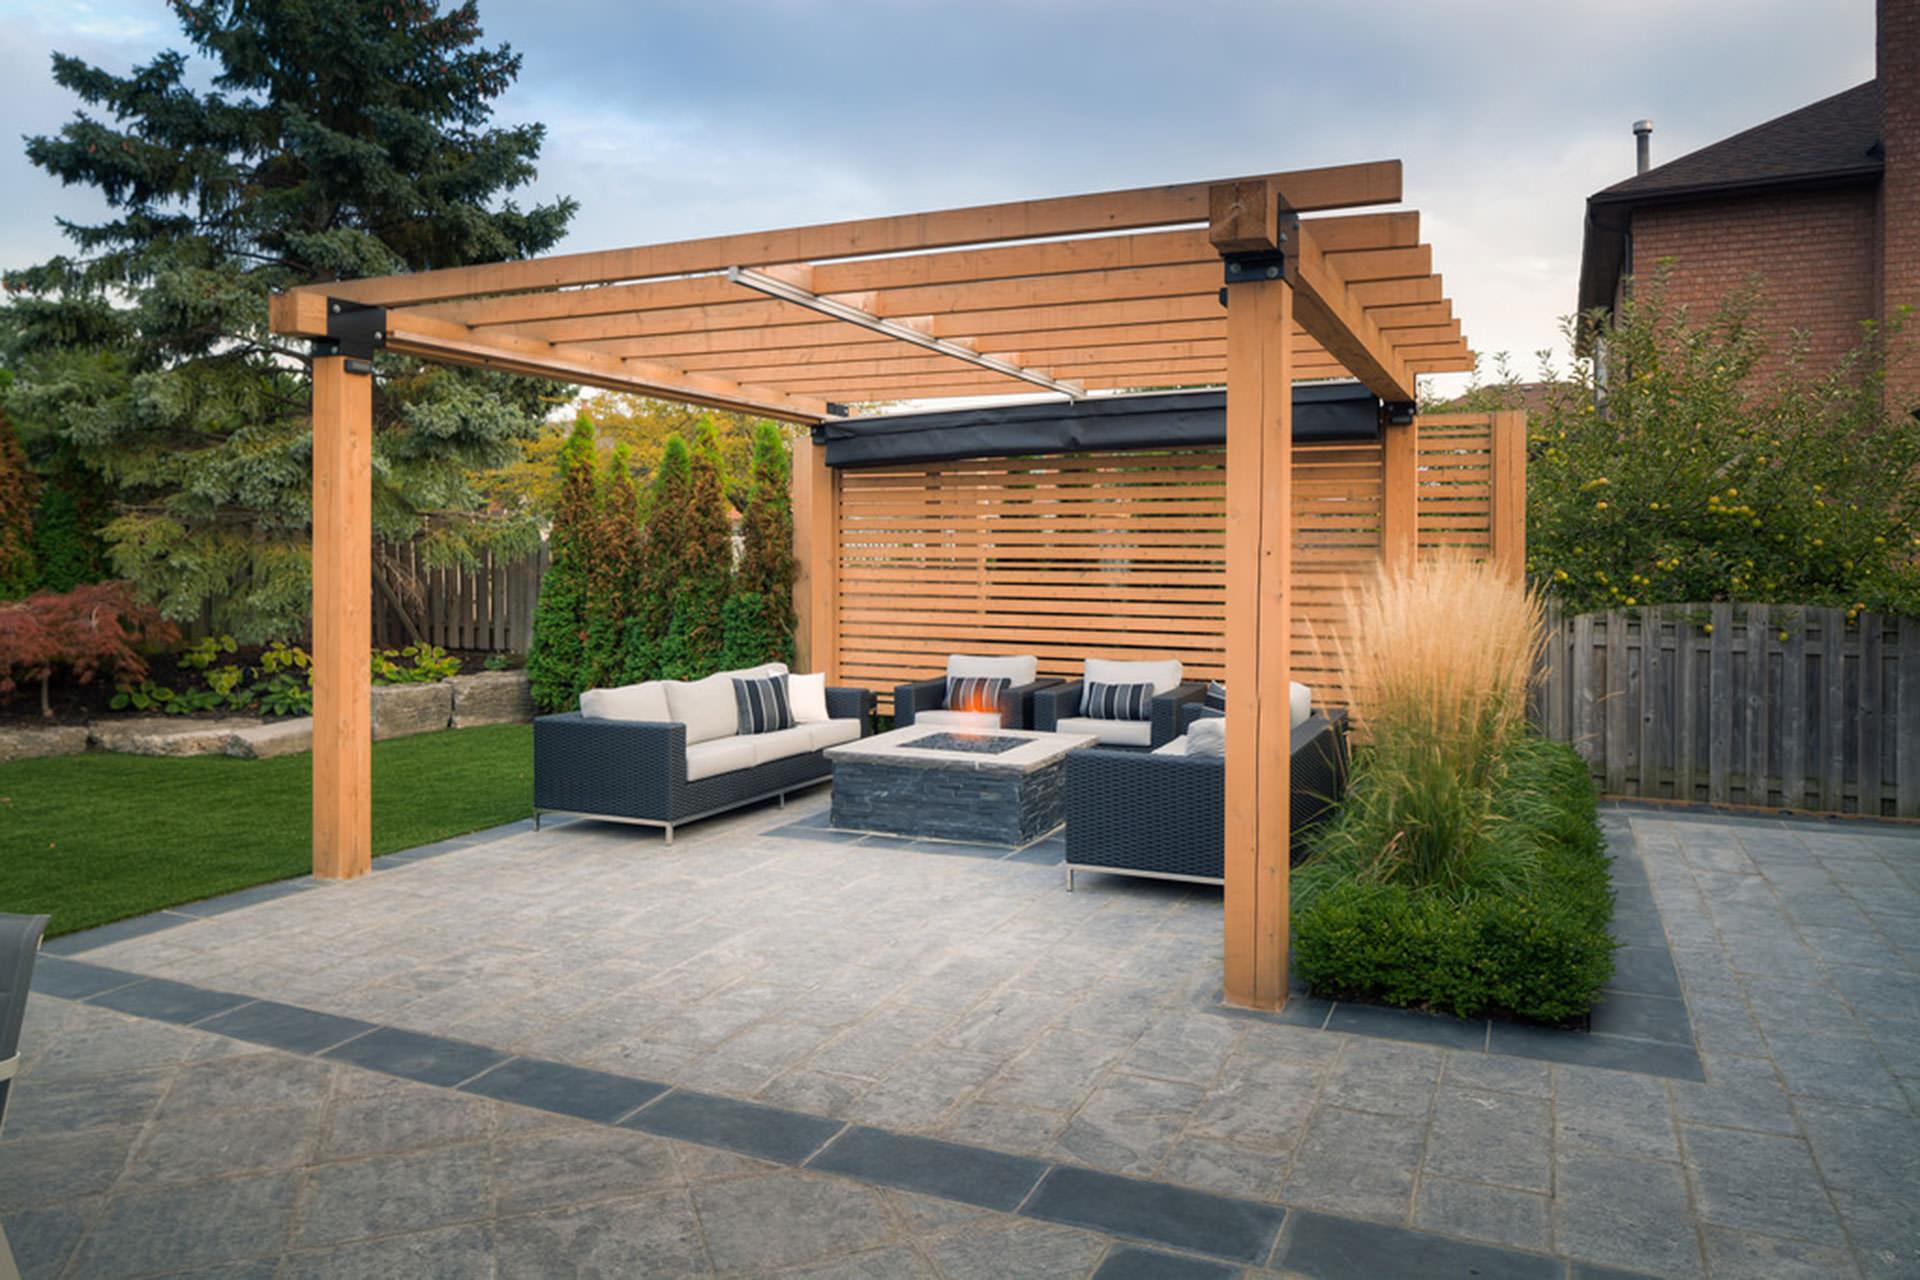 Pergola Garden Structures